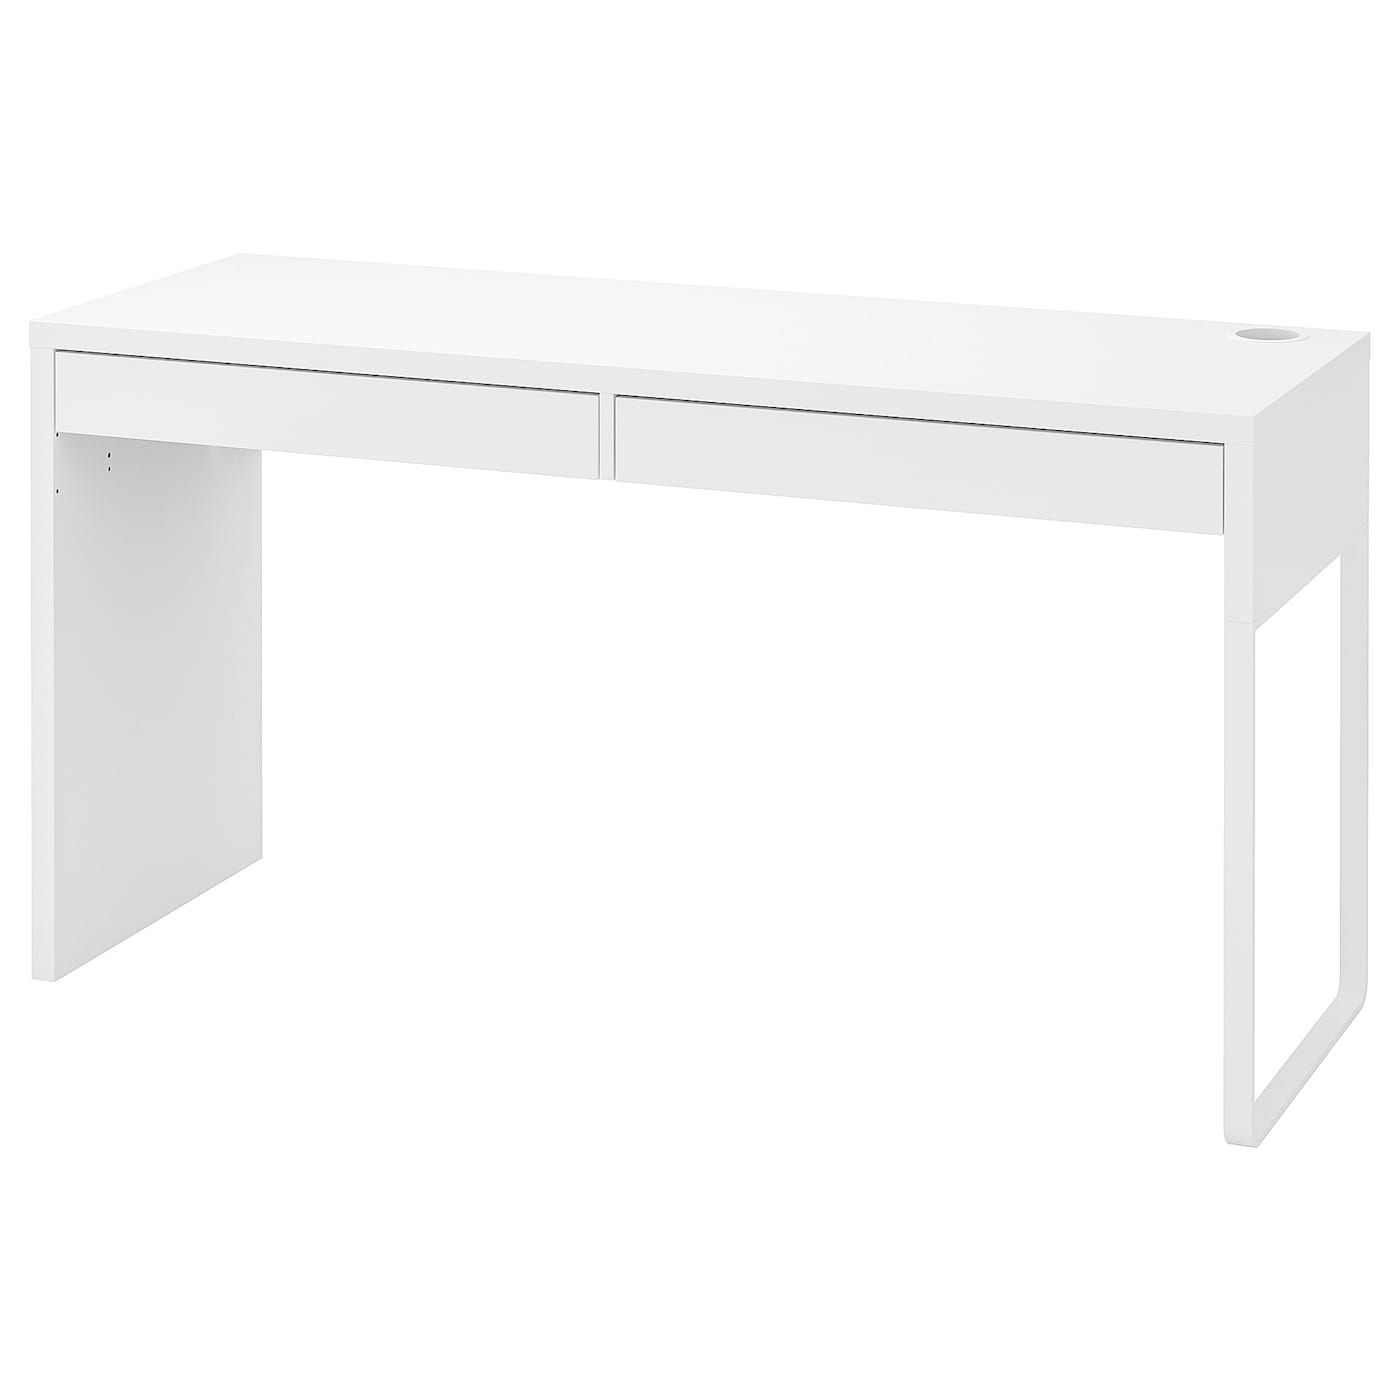 Micke Schreibtisch Weiss Ikea Osterreich Micke Schreibtisch